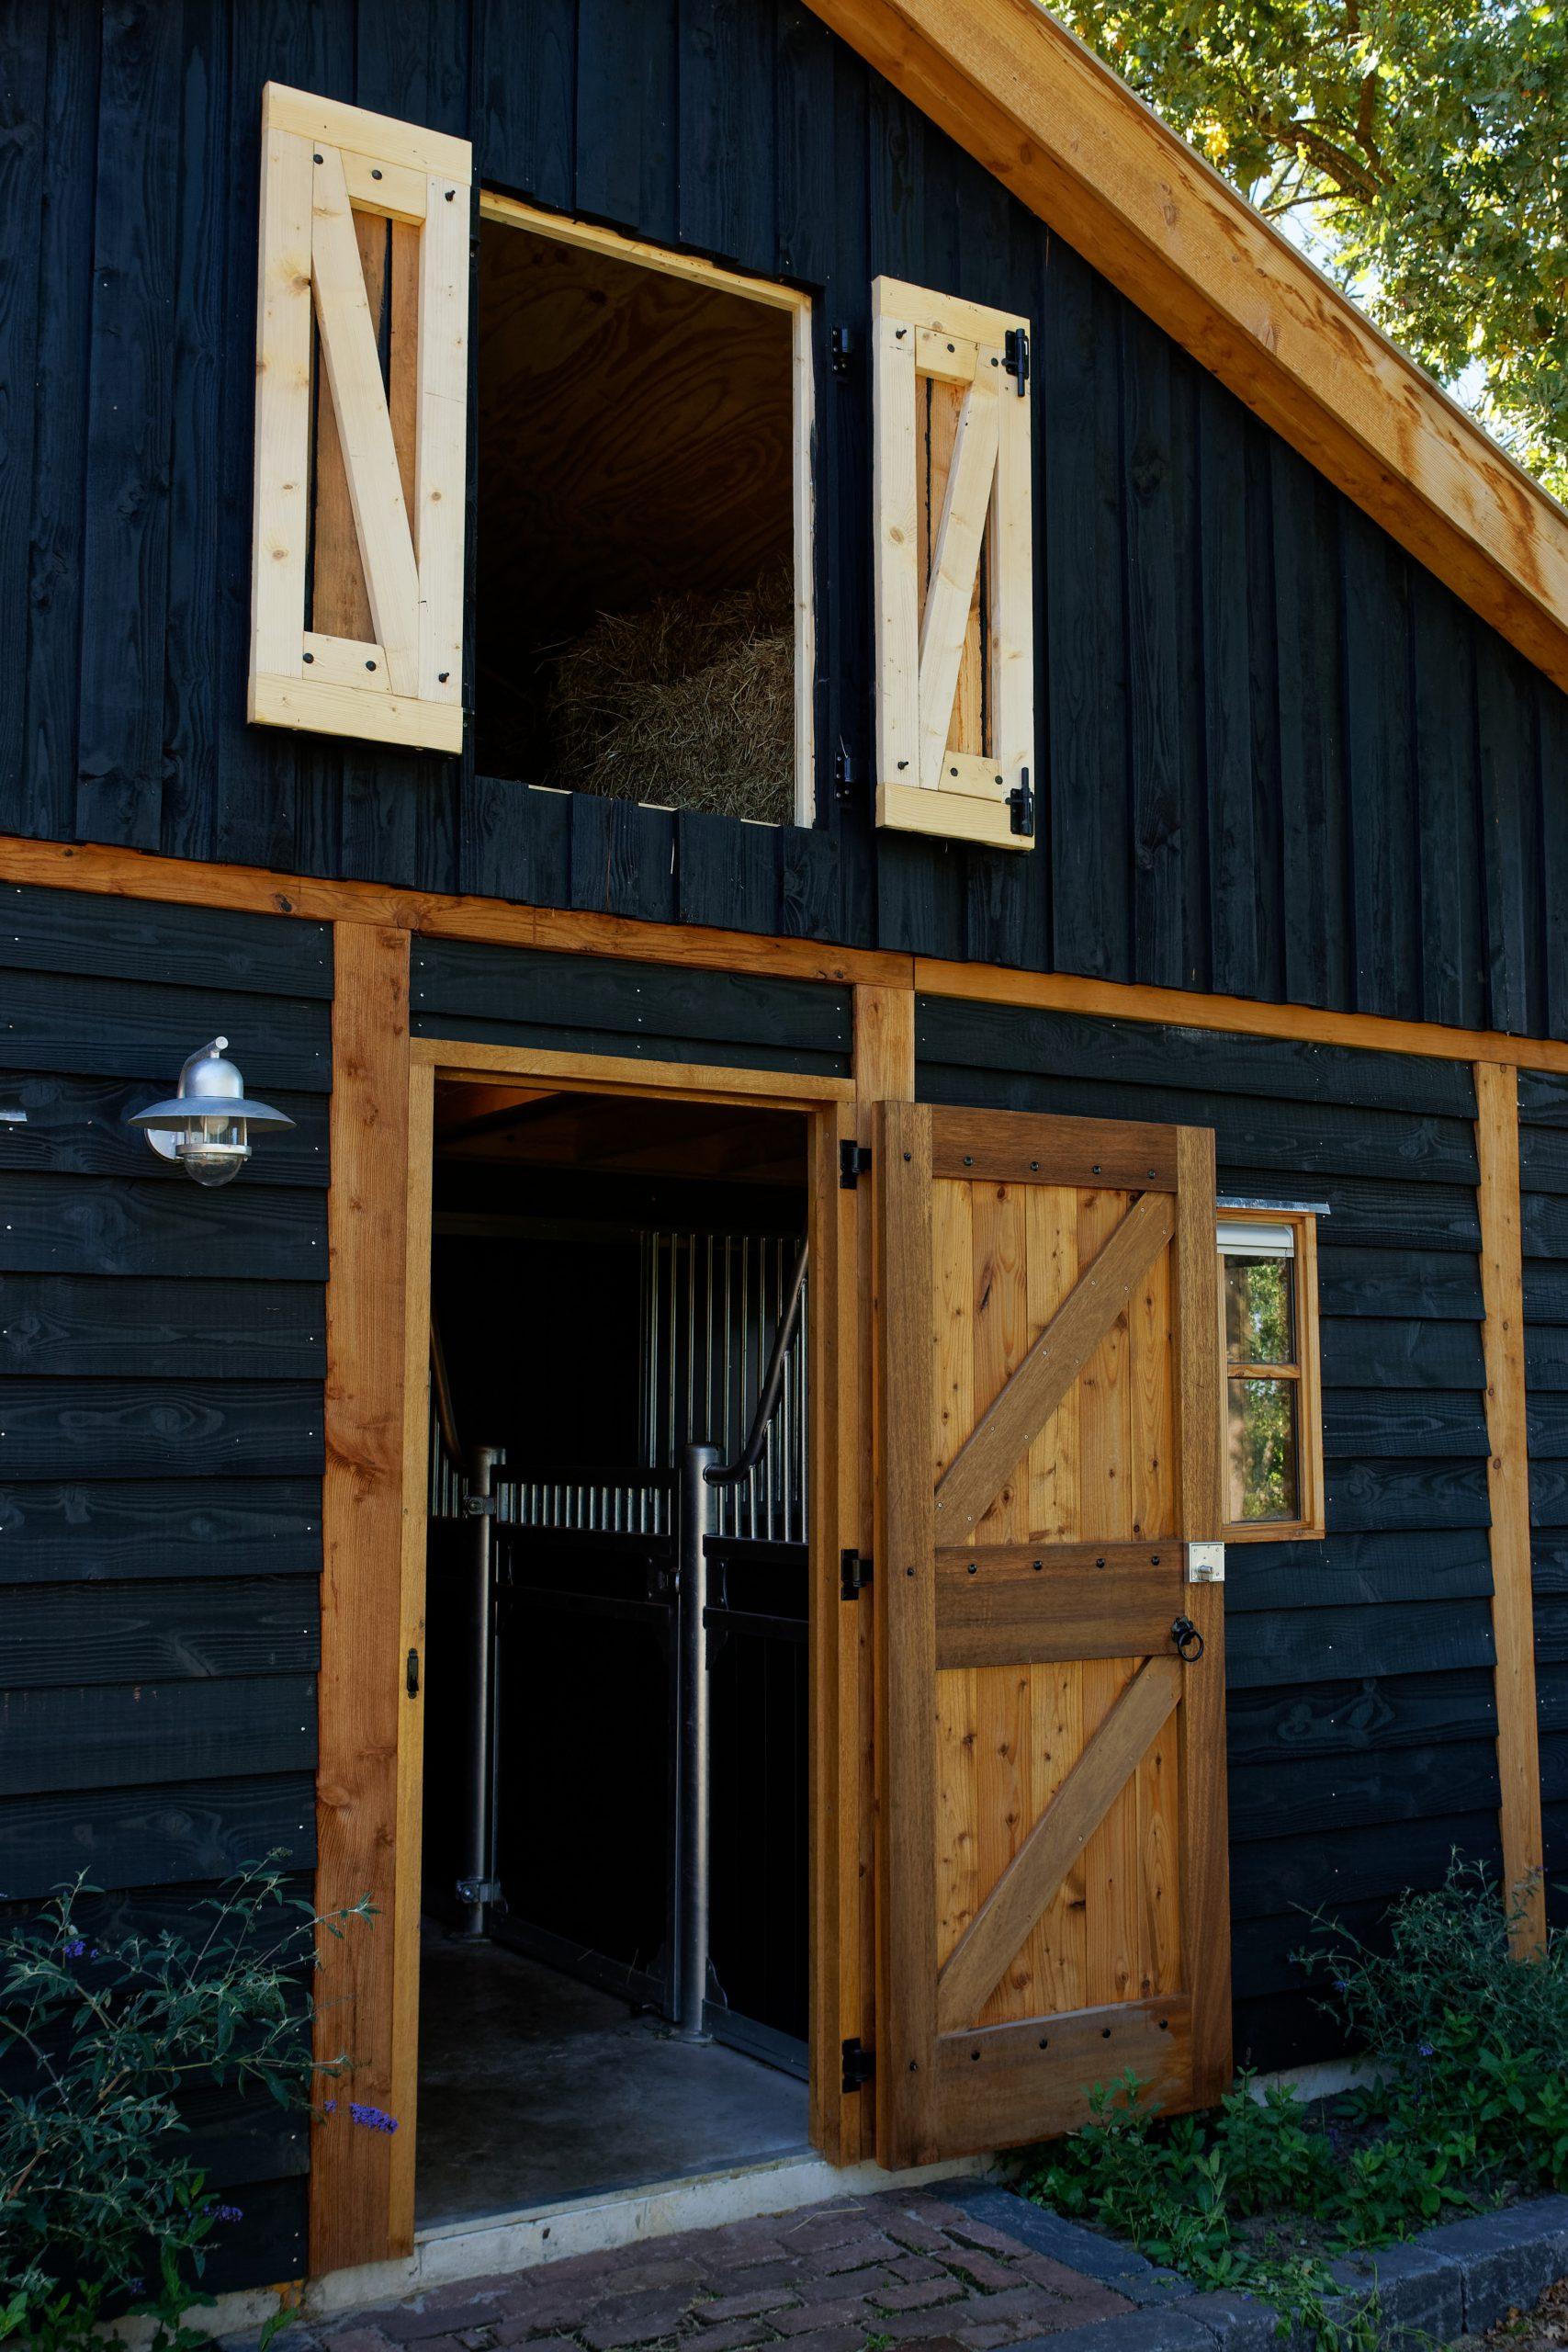 houten-schuur-met-paardenstallen-25-scaled - Project Hardenberg: Grote houten schuur met paardenstallen.